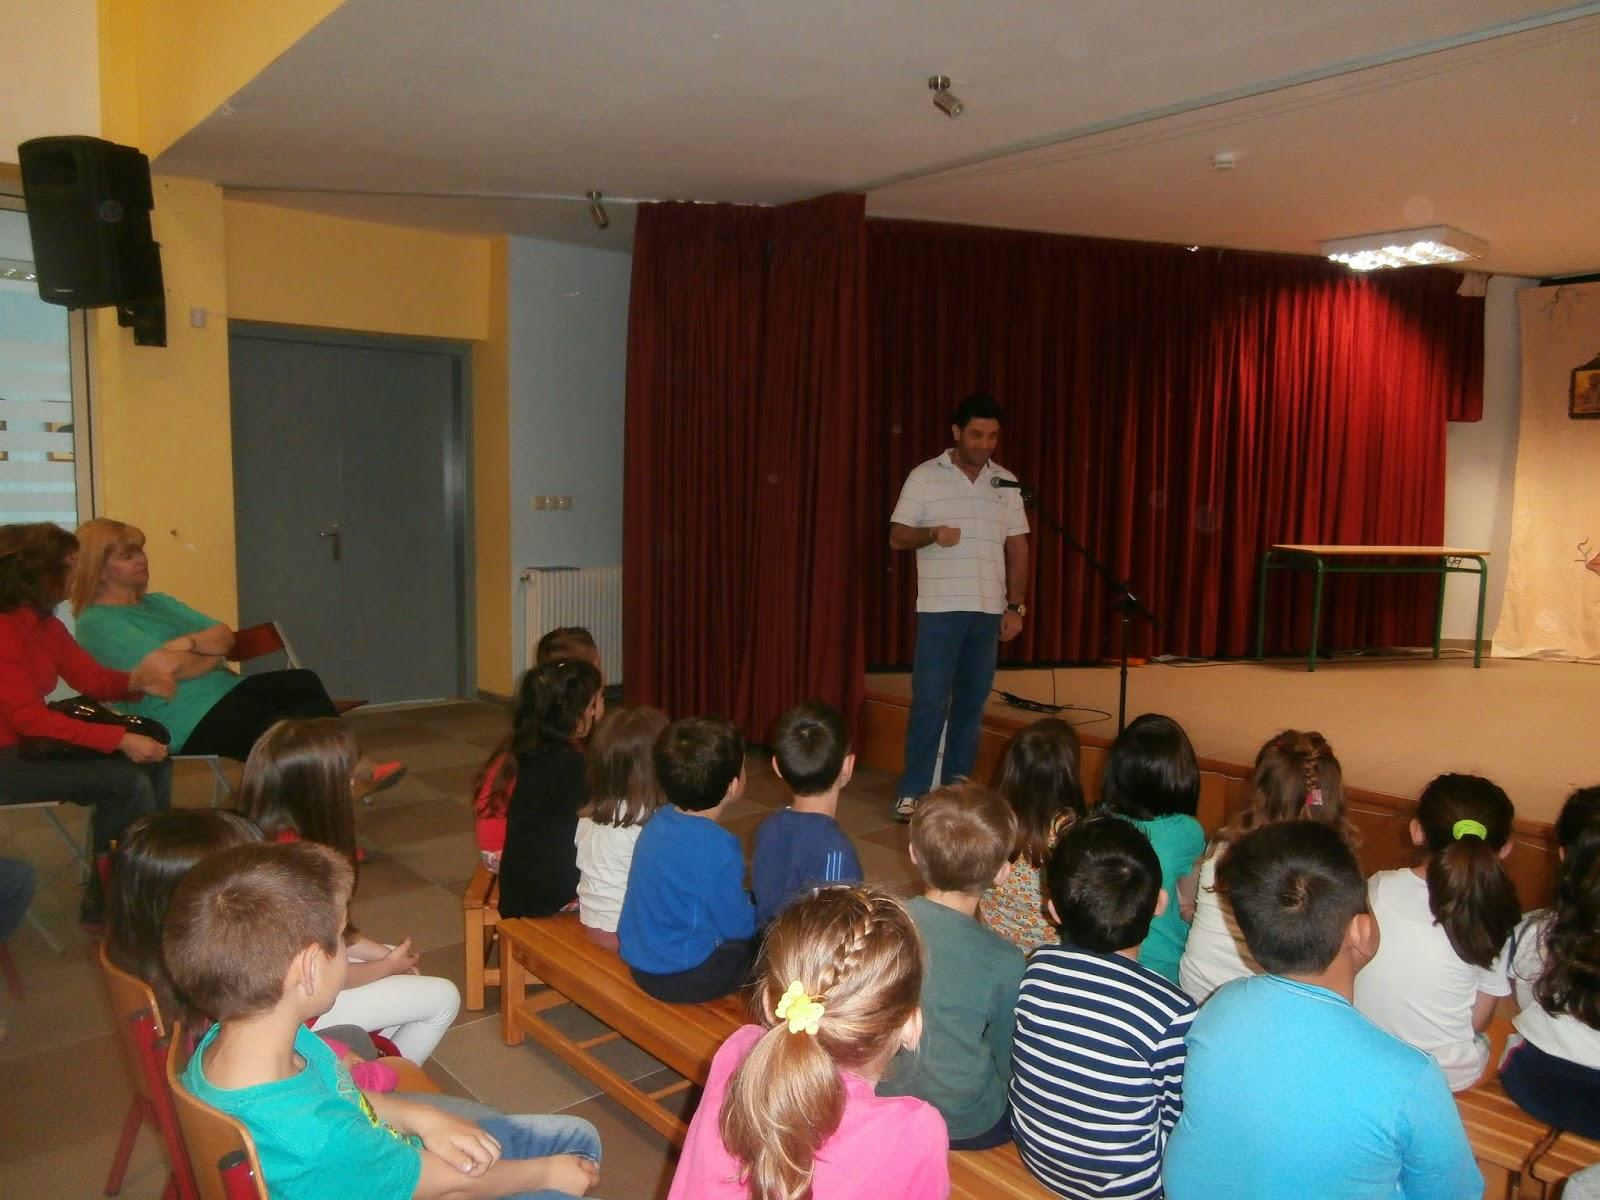 Επίσκεψη Διαιτολόγου-Διατροφολόγου στο σχολείο μας.